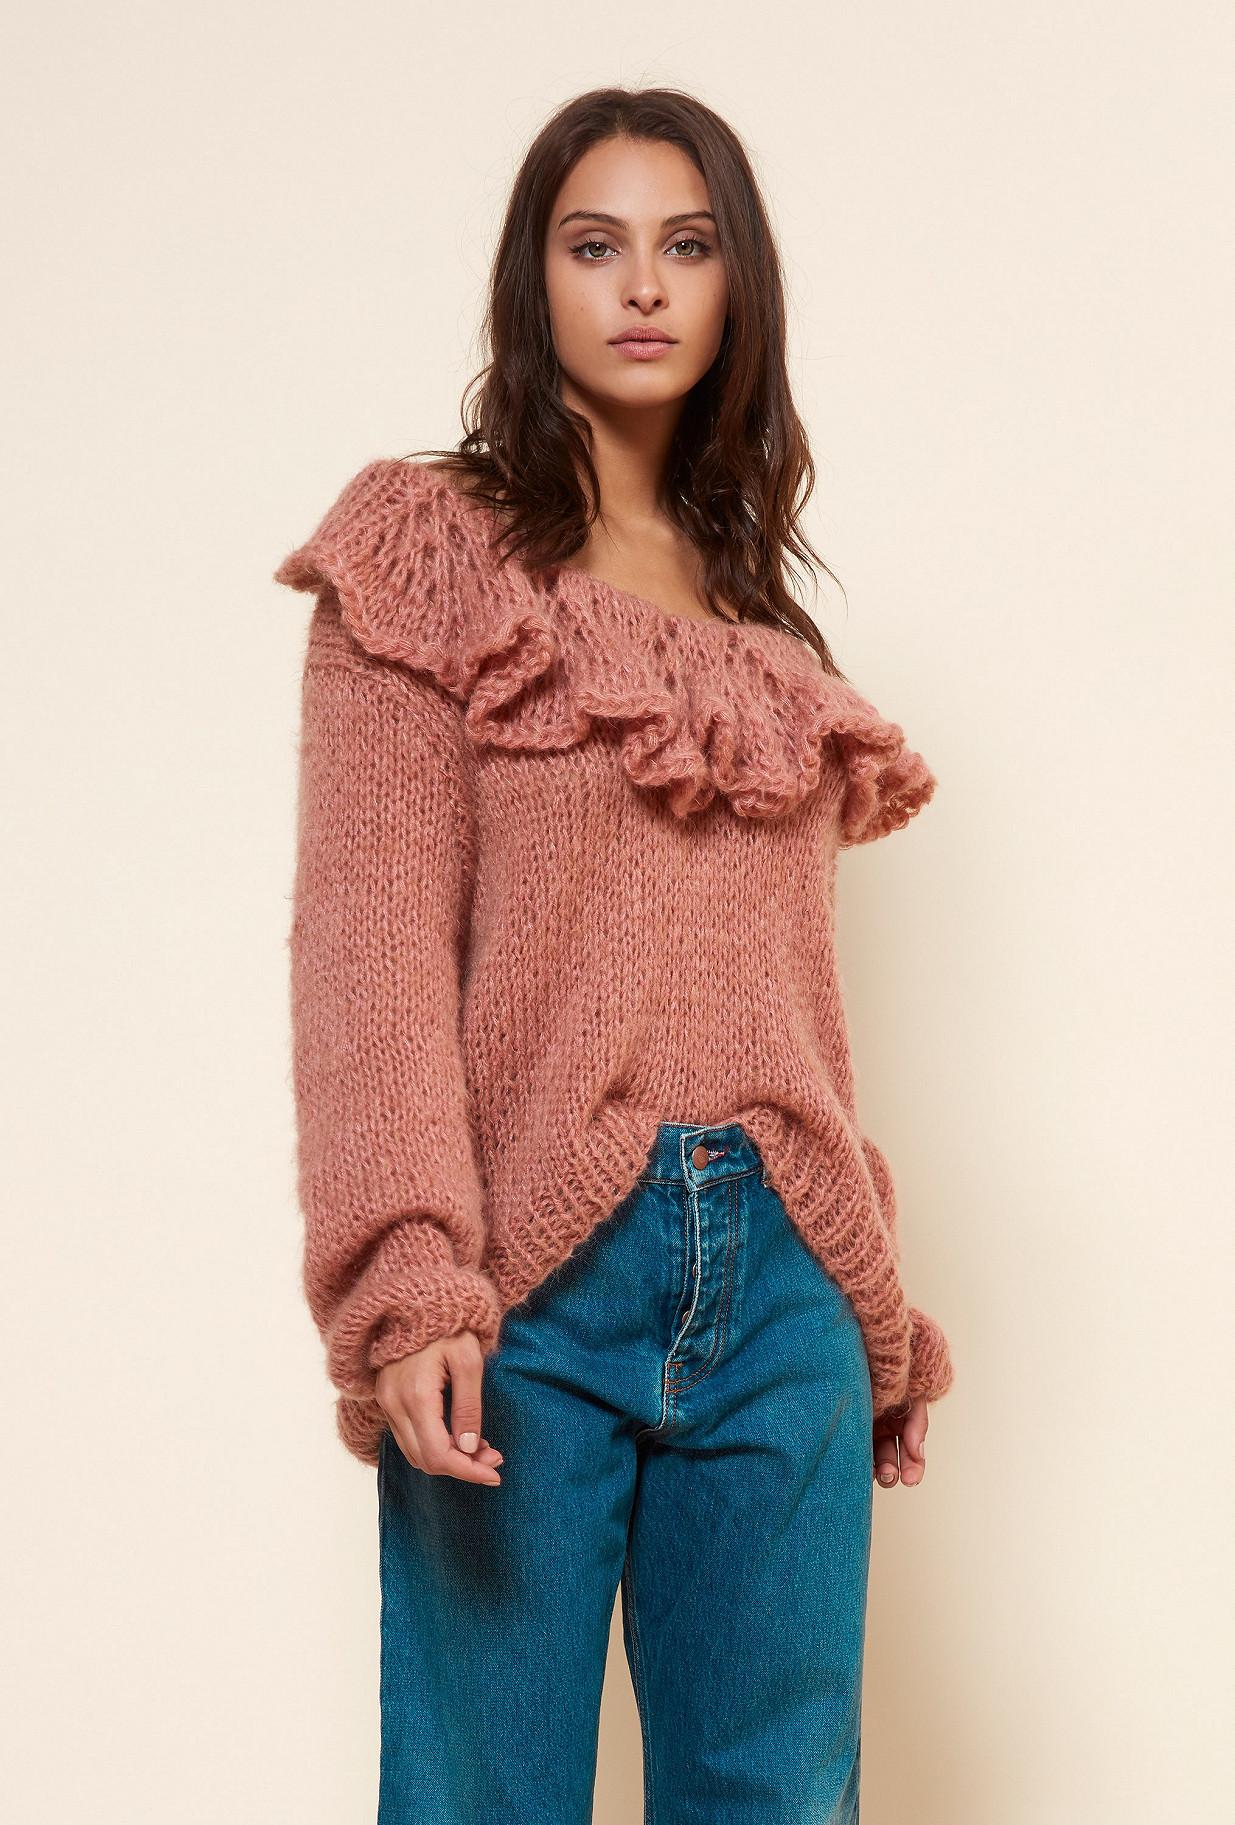 Paris boutique de mode vêtement Maille créateur bohème  Frisco